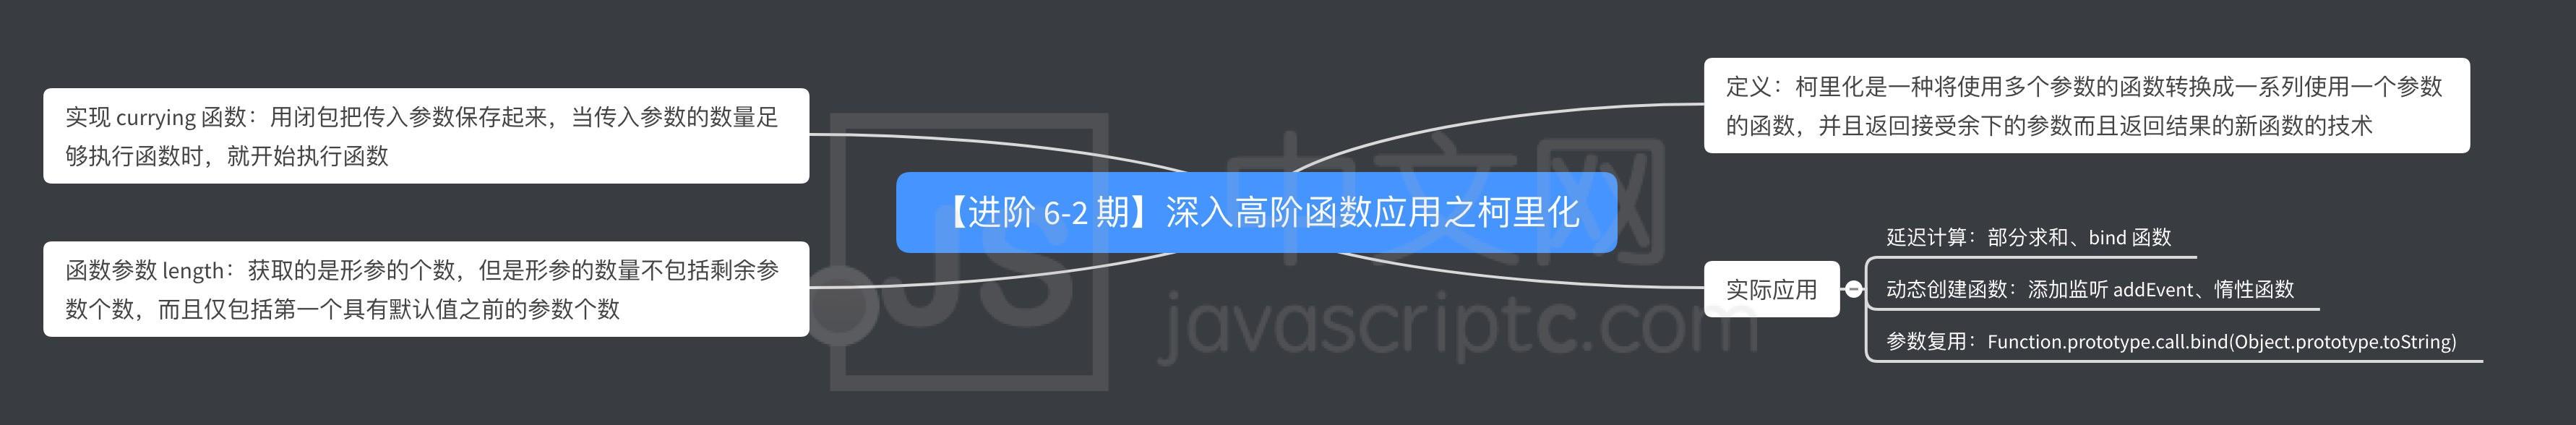 【进阶 6-2 期】深入高阶函数应用之柯里化,JS中文网 – 前端进阶资源分享 www.javascriptc.com